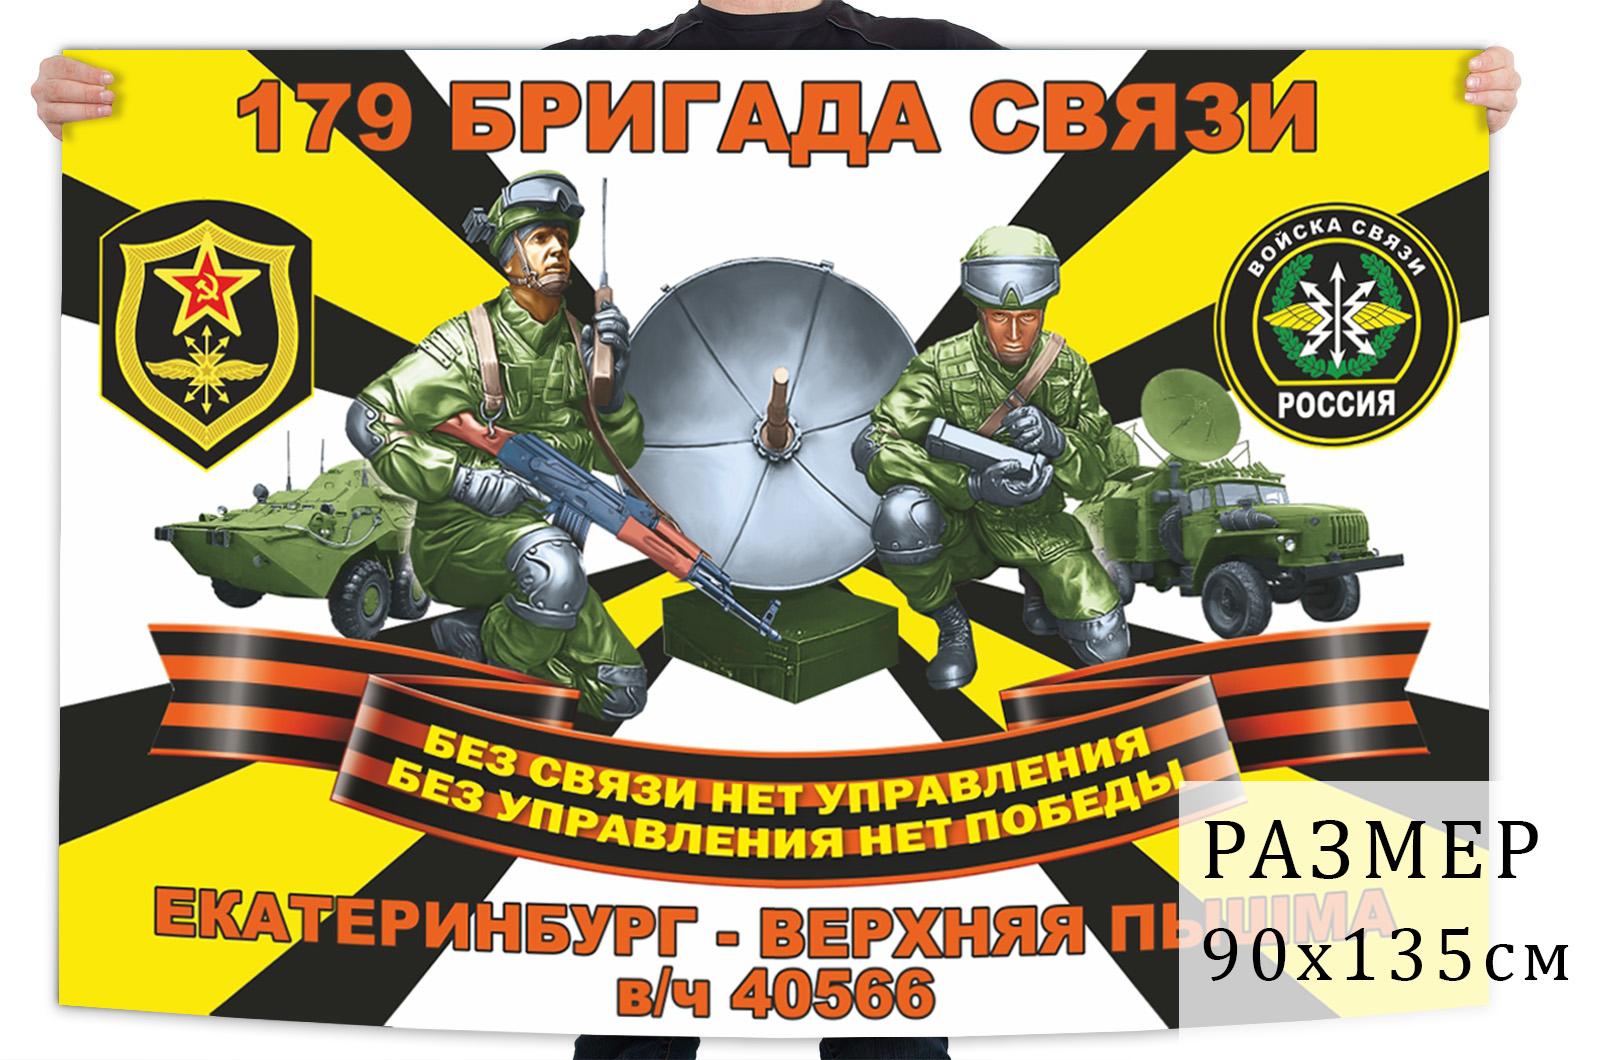 Флаг 179 бригады связи